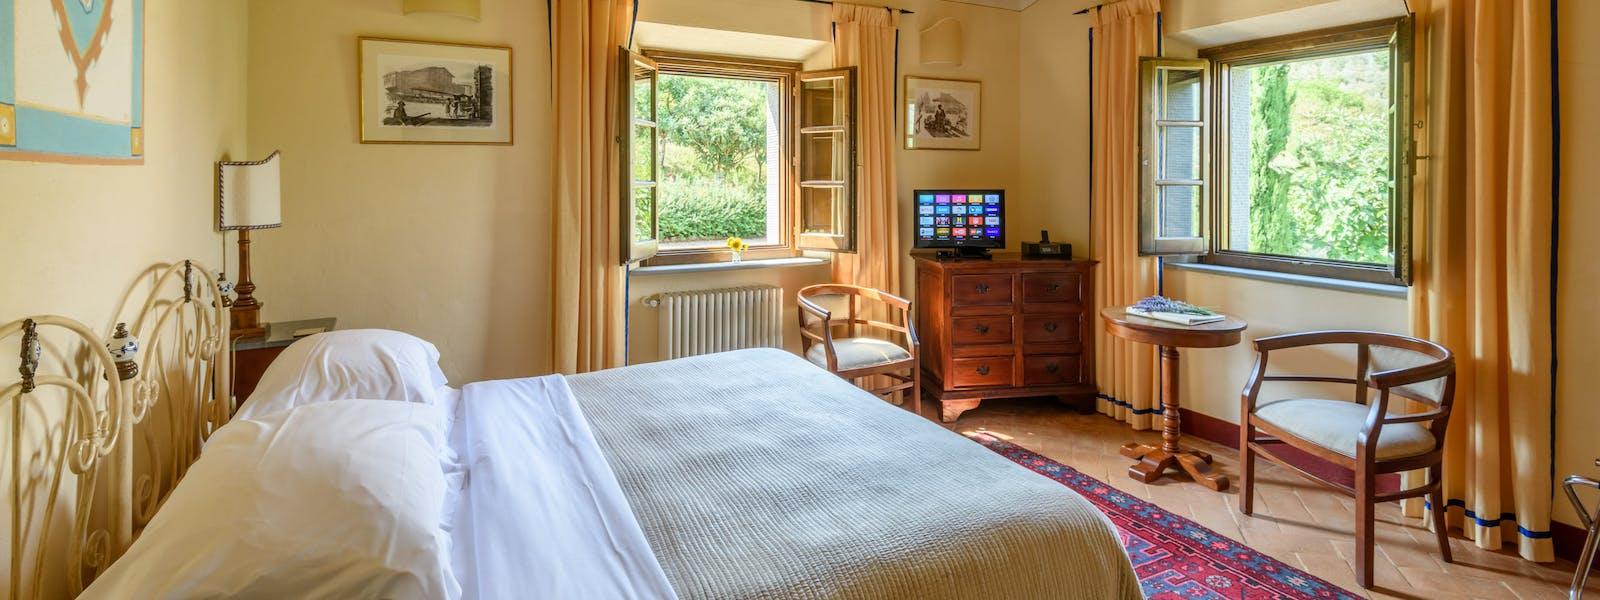 Home | Casa Portagioia, Bed and Breakfast Tuscany